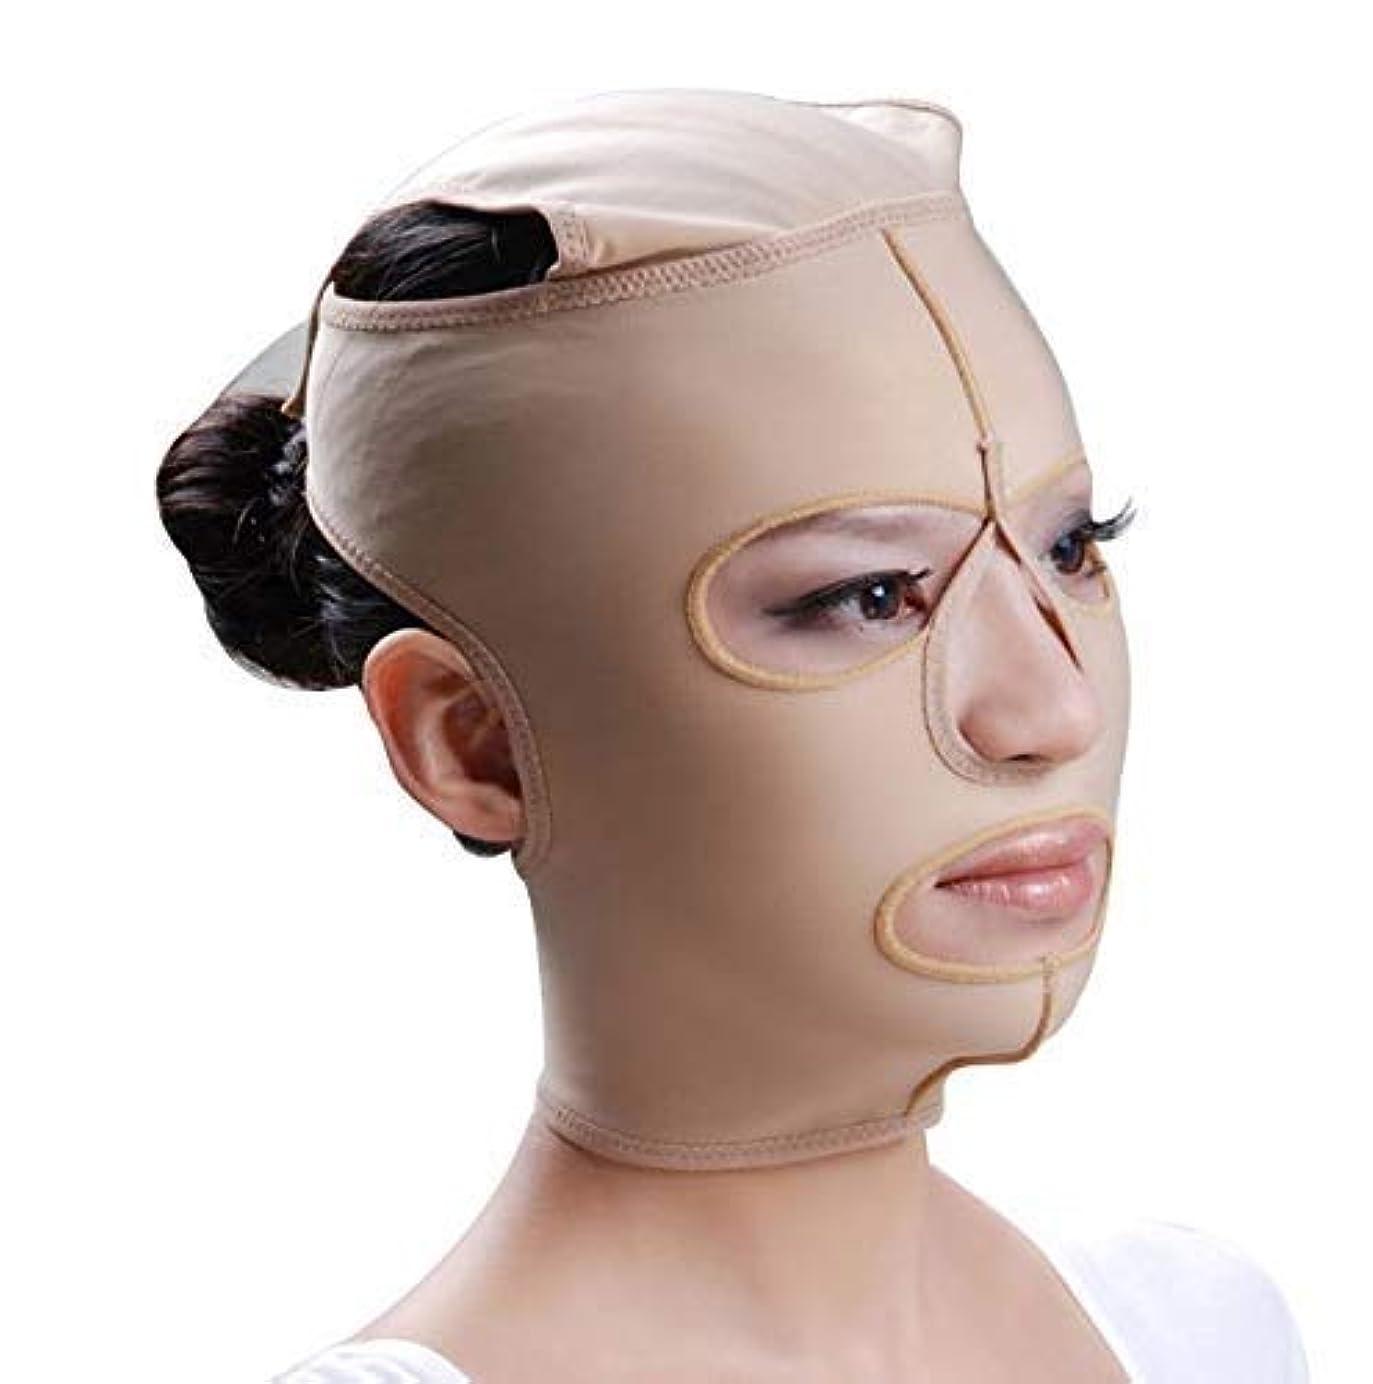 収束するハイキング株式会社ファーミングフェイスマスク、フェイシャルマスク弾性フェイスリフティングリフティングファーミングパターンマイクロフィニッシングポストモデリングコンプレッションフェイスマスク(サイズ:S)